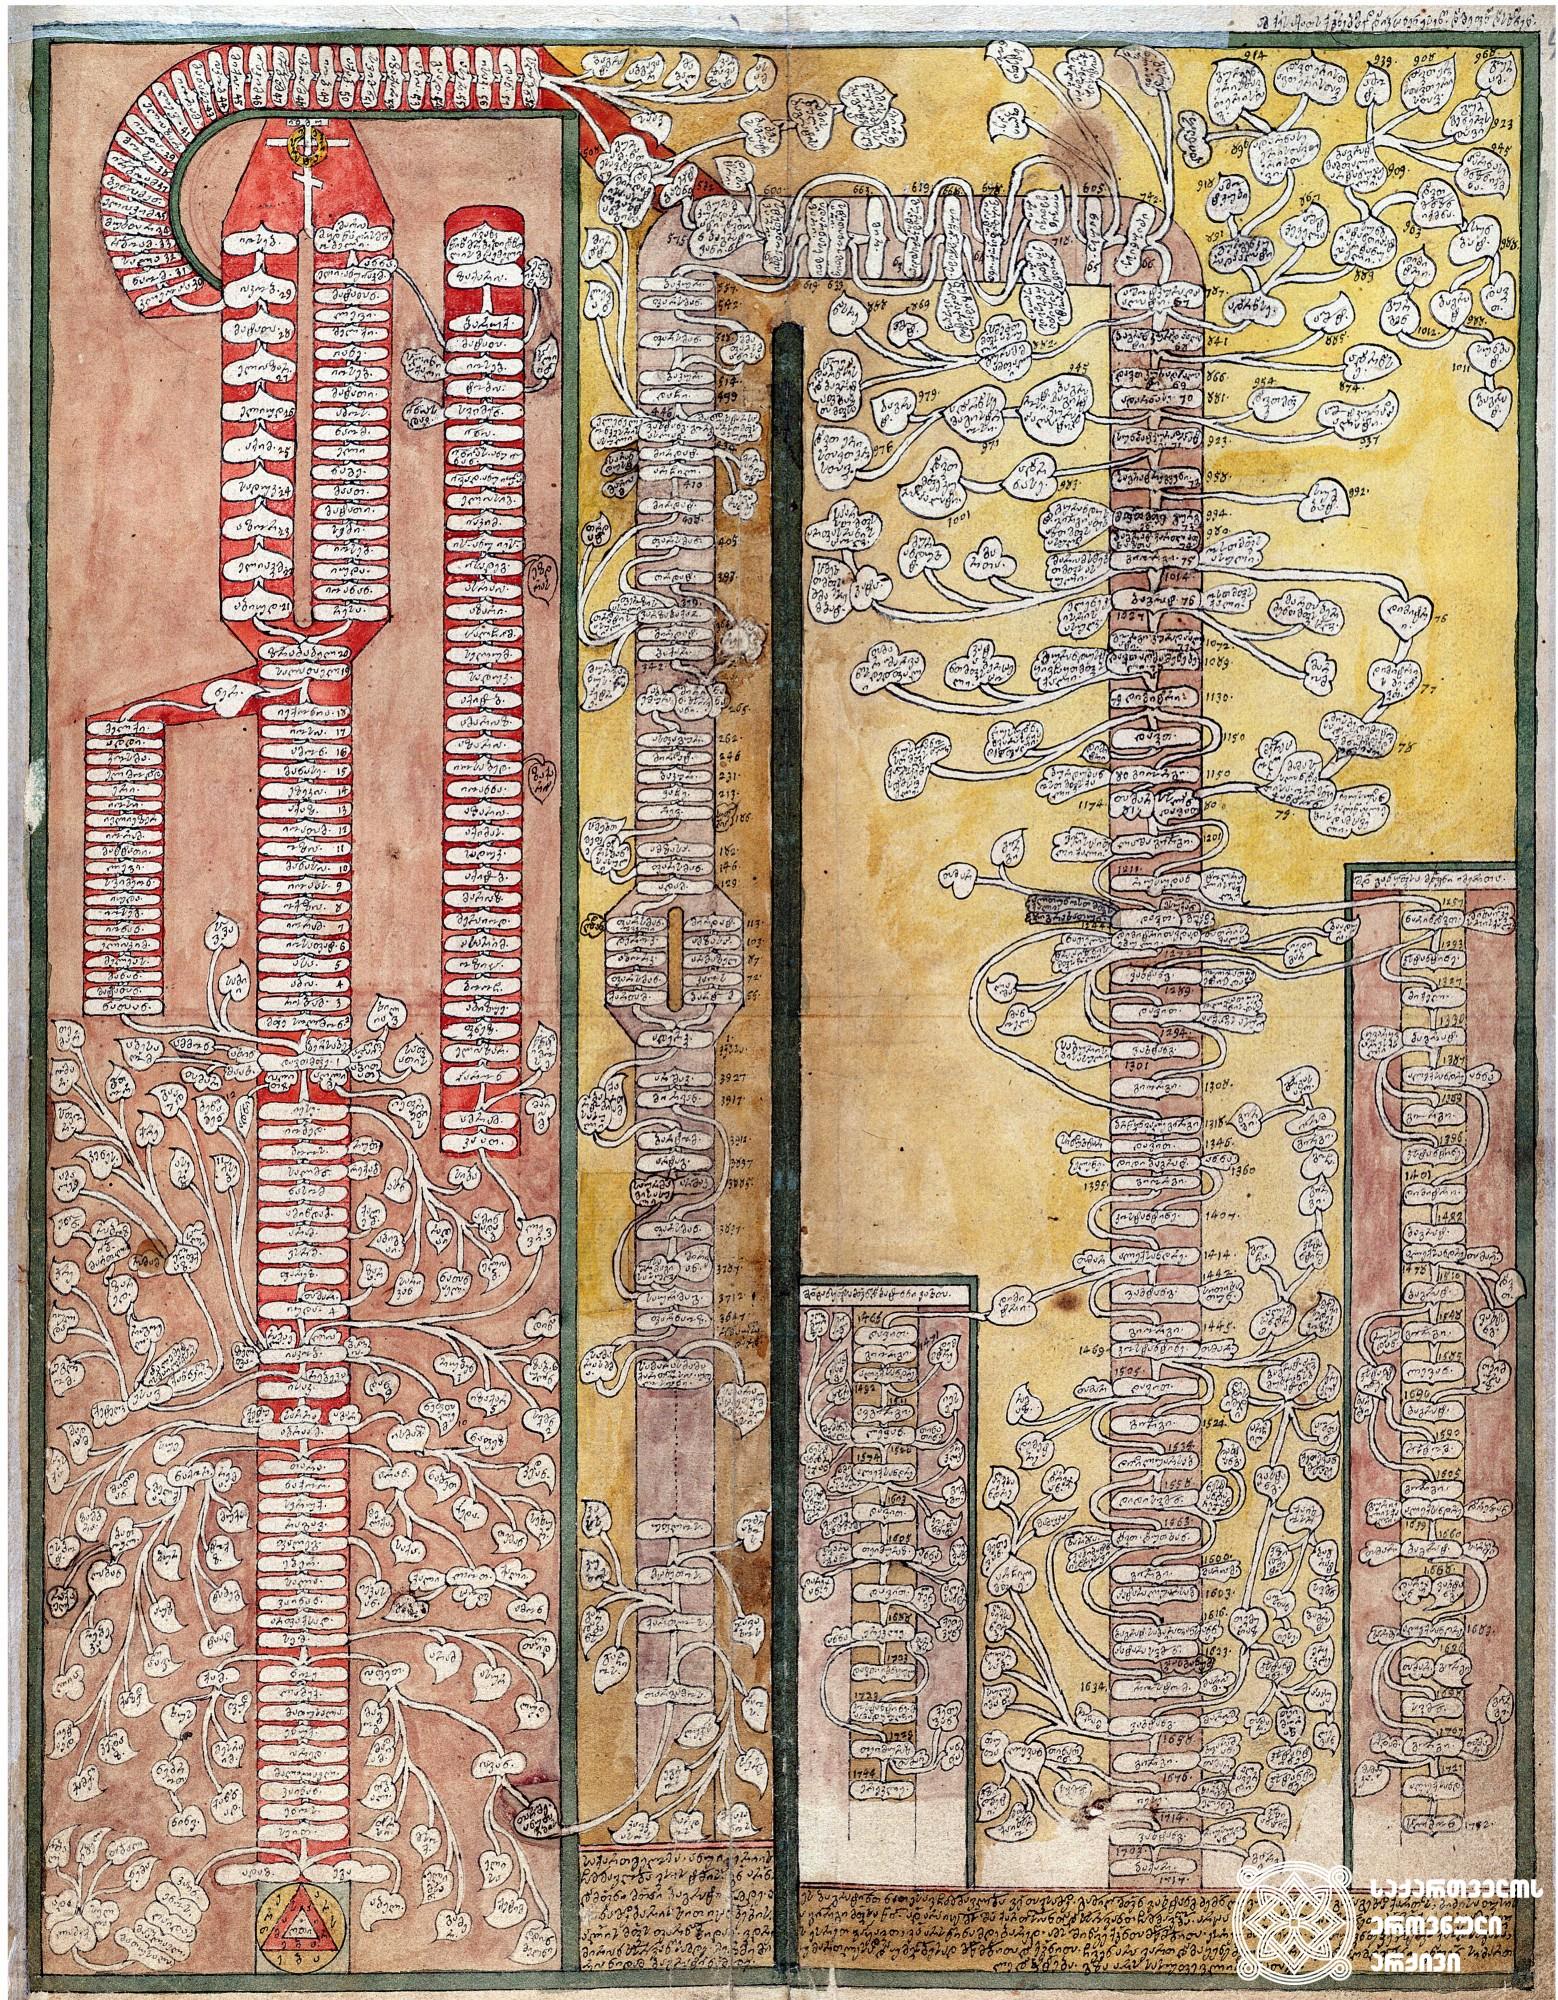 ვახუშტის ატლასი. <br>საქართველოს მეფეების გენეალოგიური ტაბულა 1755 წლამდე <br> Atlas of Vakhushti <br> The Genealogical table of the Georgian Kings till 1755